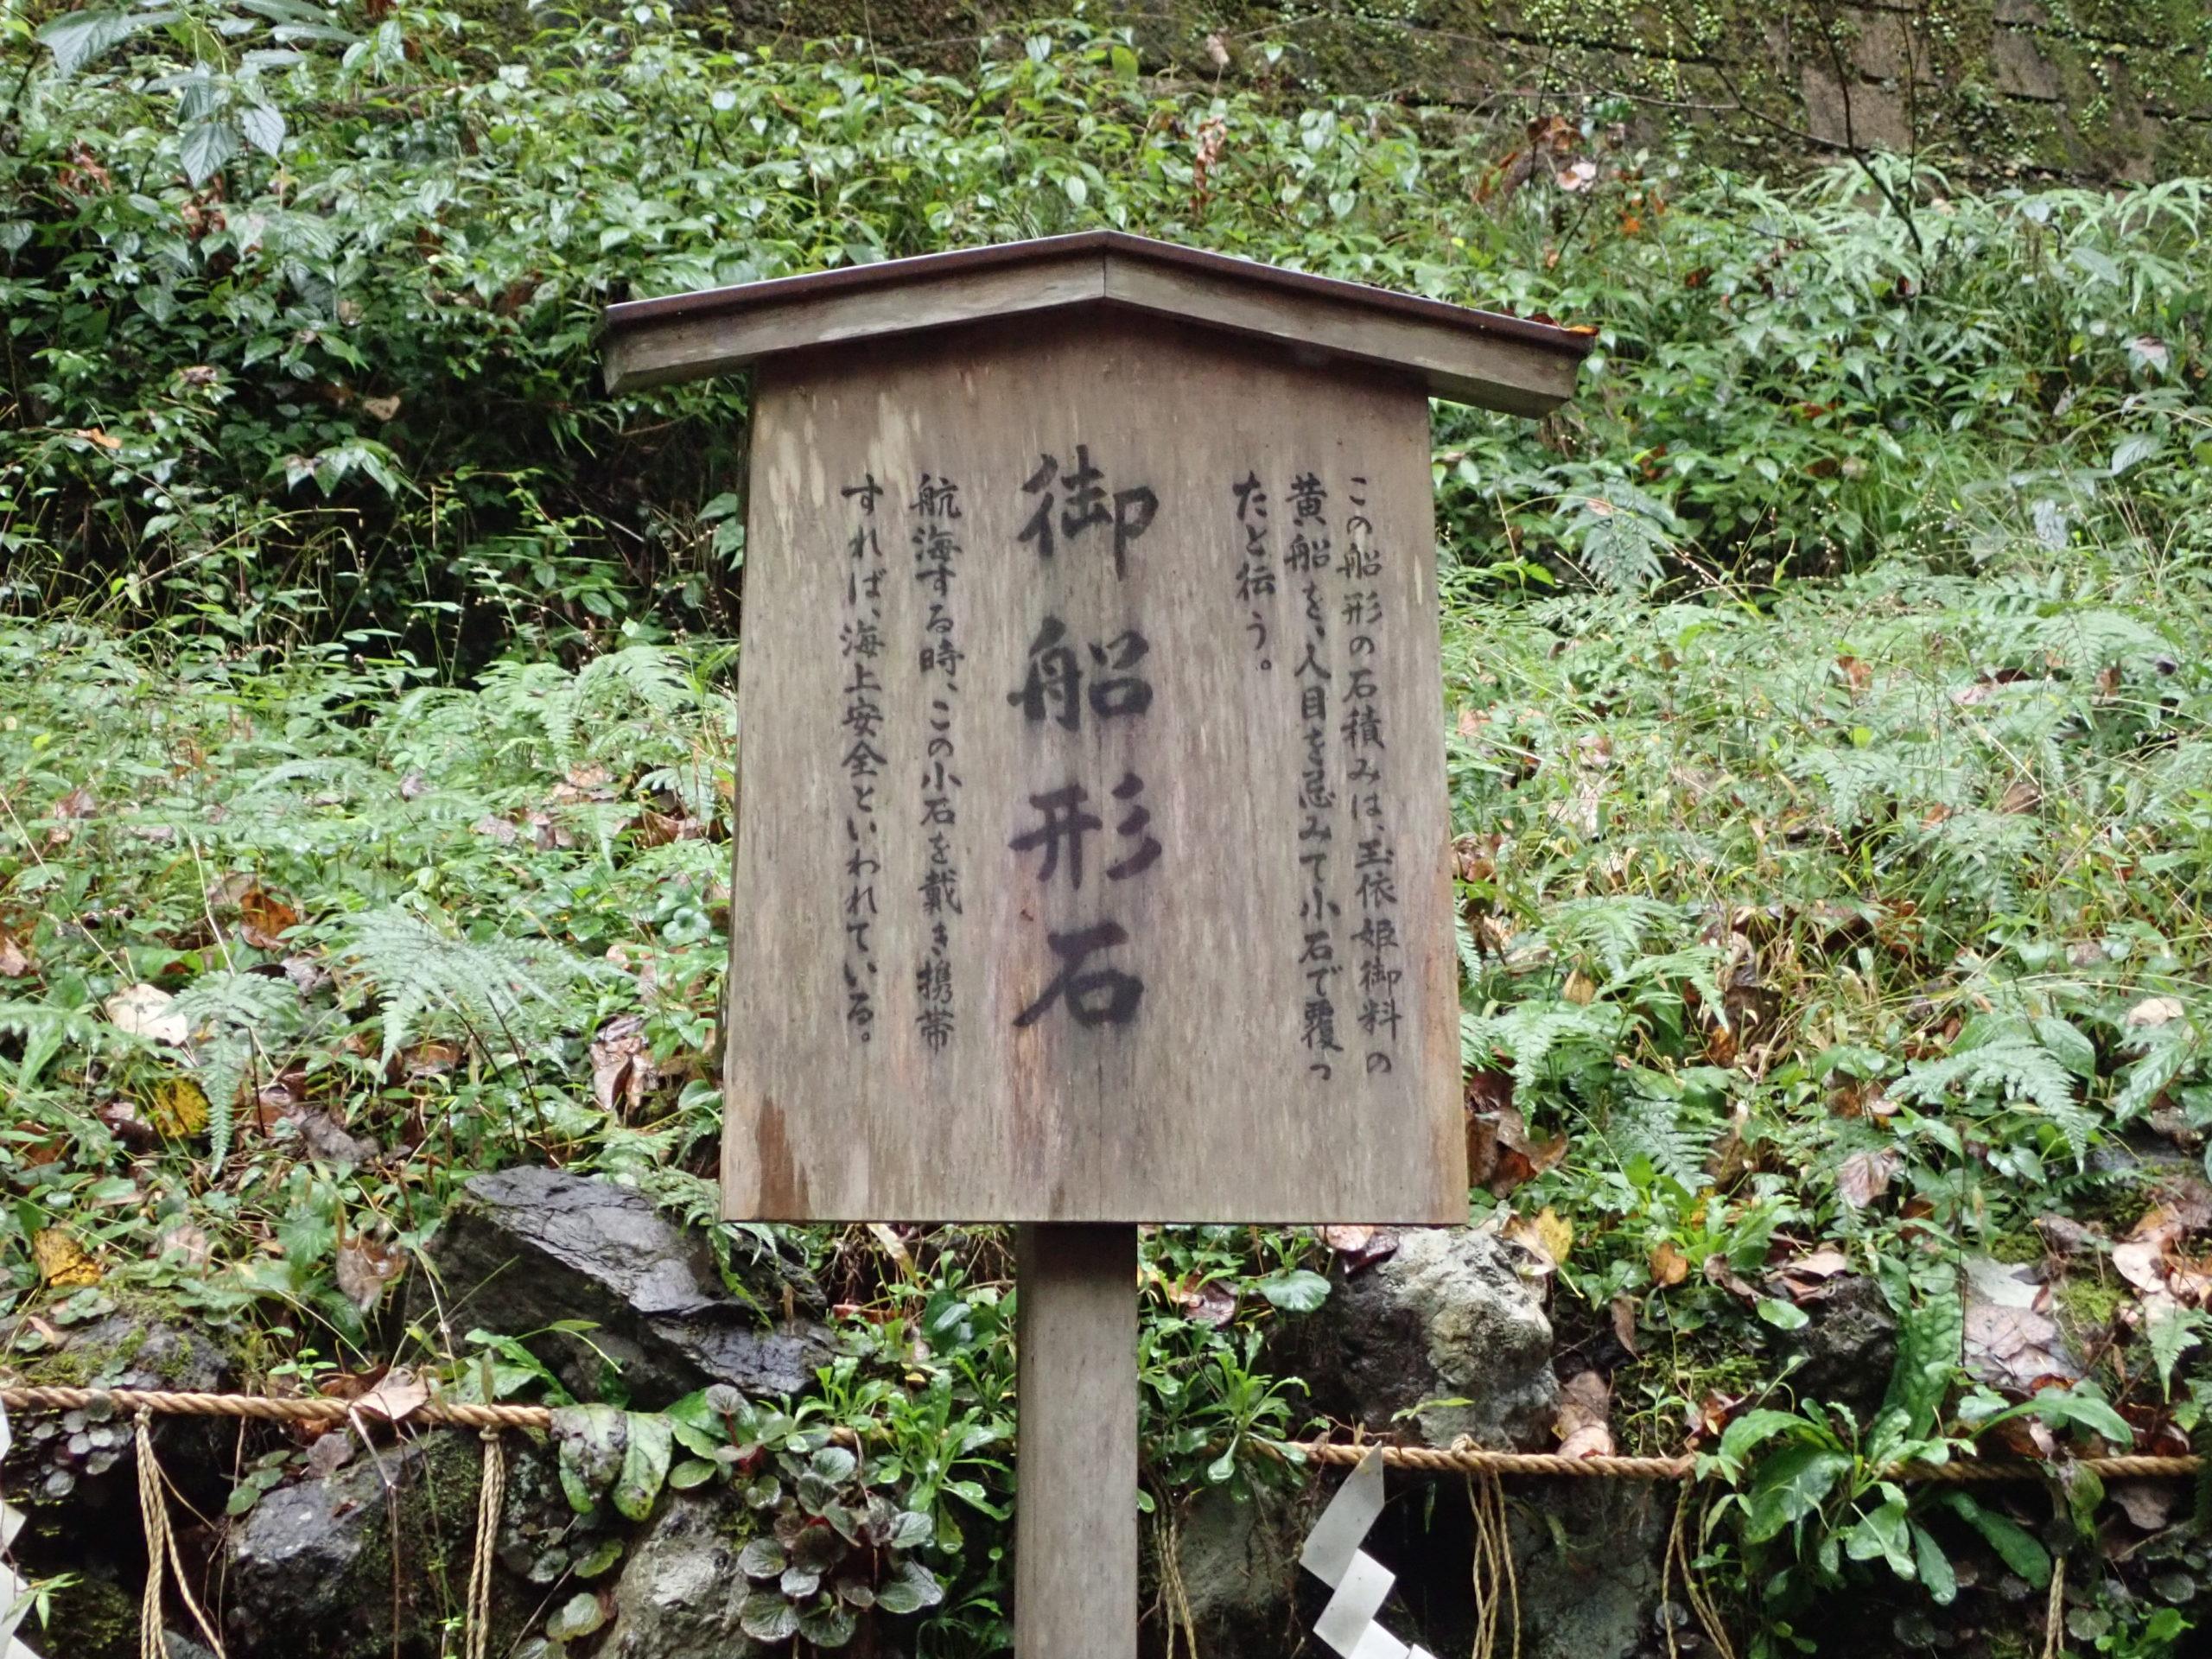 貴船神社の奥宮の船形石